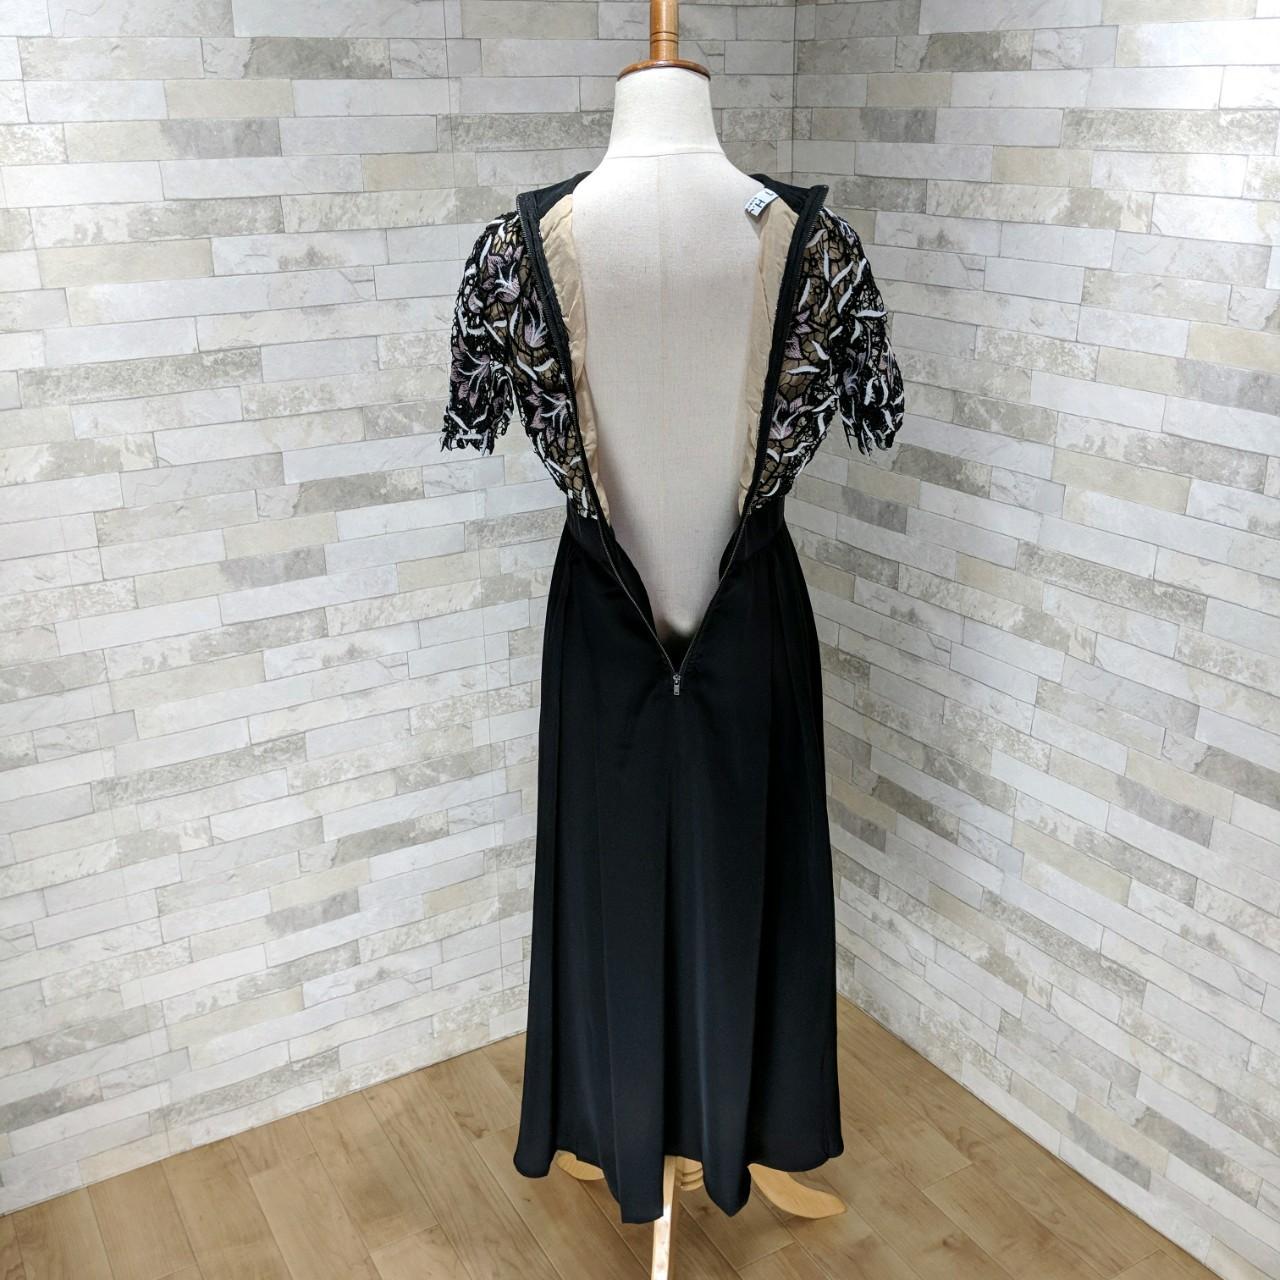 【即納】韓国 ファッション ワンピース パーティードレス ロング マキシ 夏 春 秋 パーティー ブライダル SPTX5151 結婚式 お呼ばれ ドッキング 花柄レース ロン 二次会 セレブ きれいめの写真16枚目